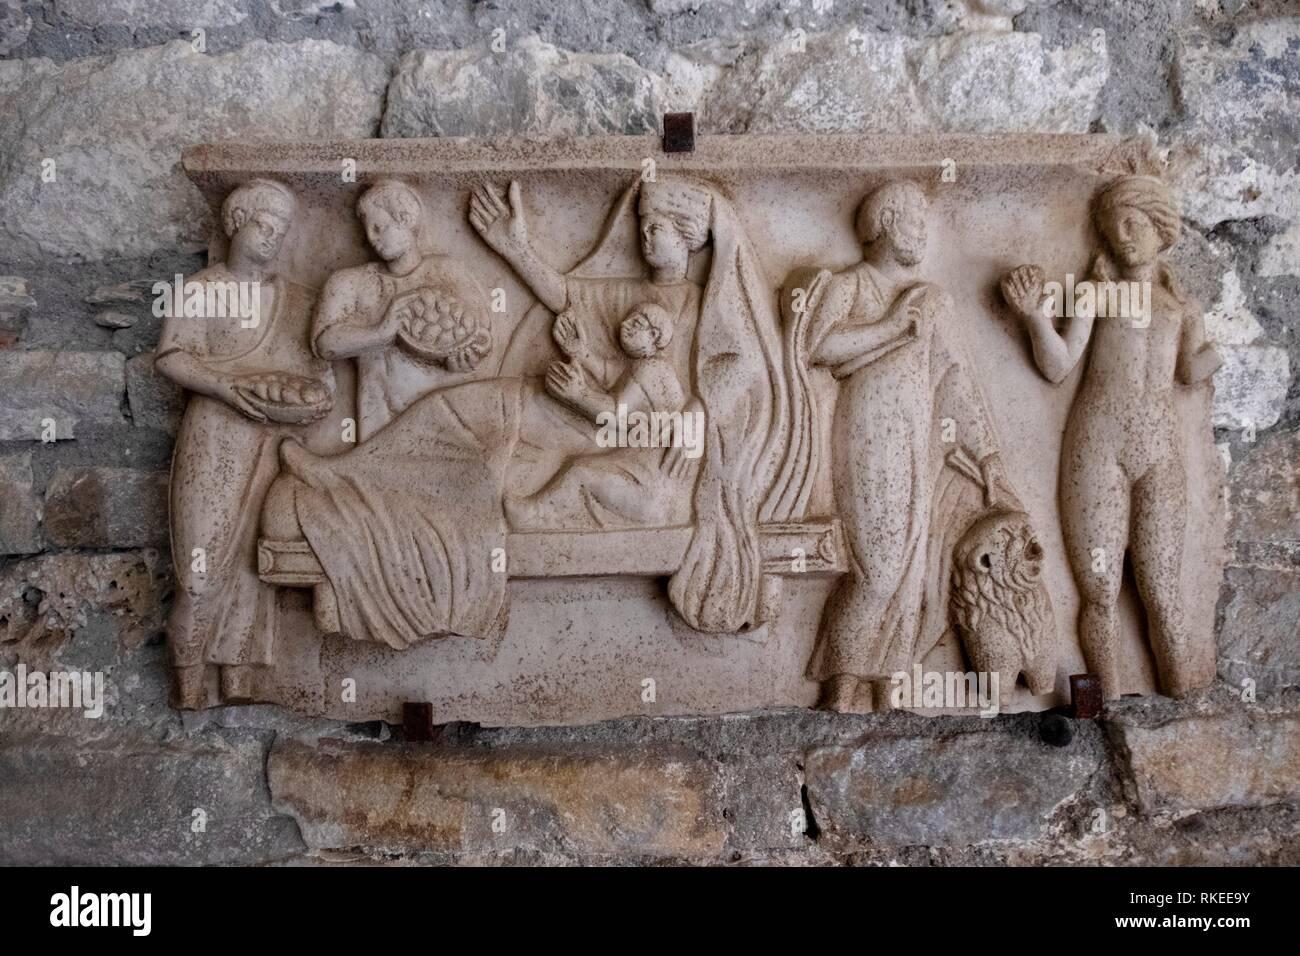 La France. Occitanie, Haute Garonne, Goll ,plaque romain (5e siècle) à la basilique Saint Just dee Valcabrère. Photo Stock